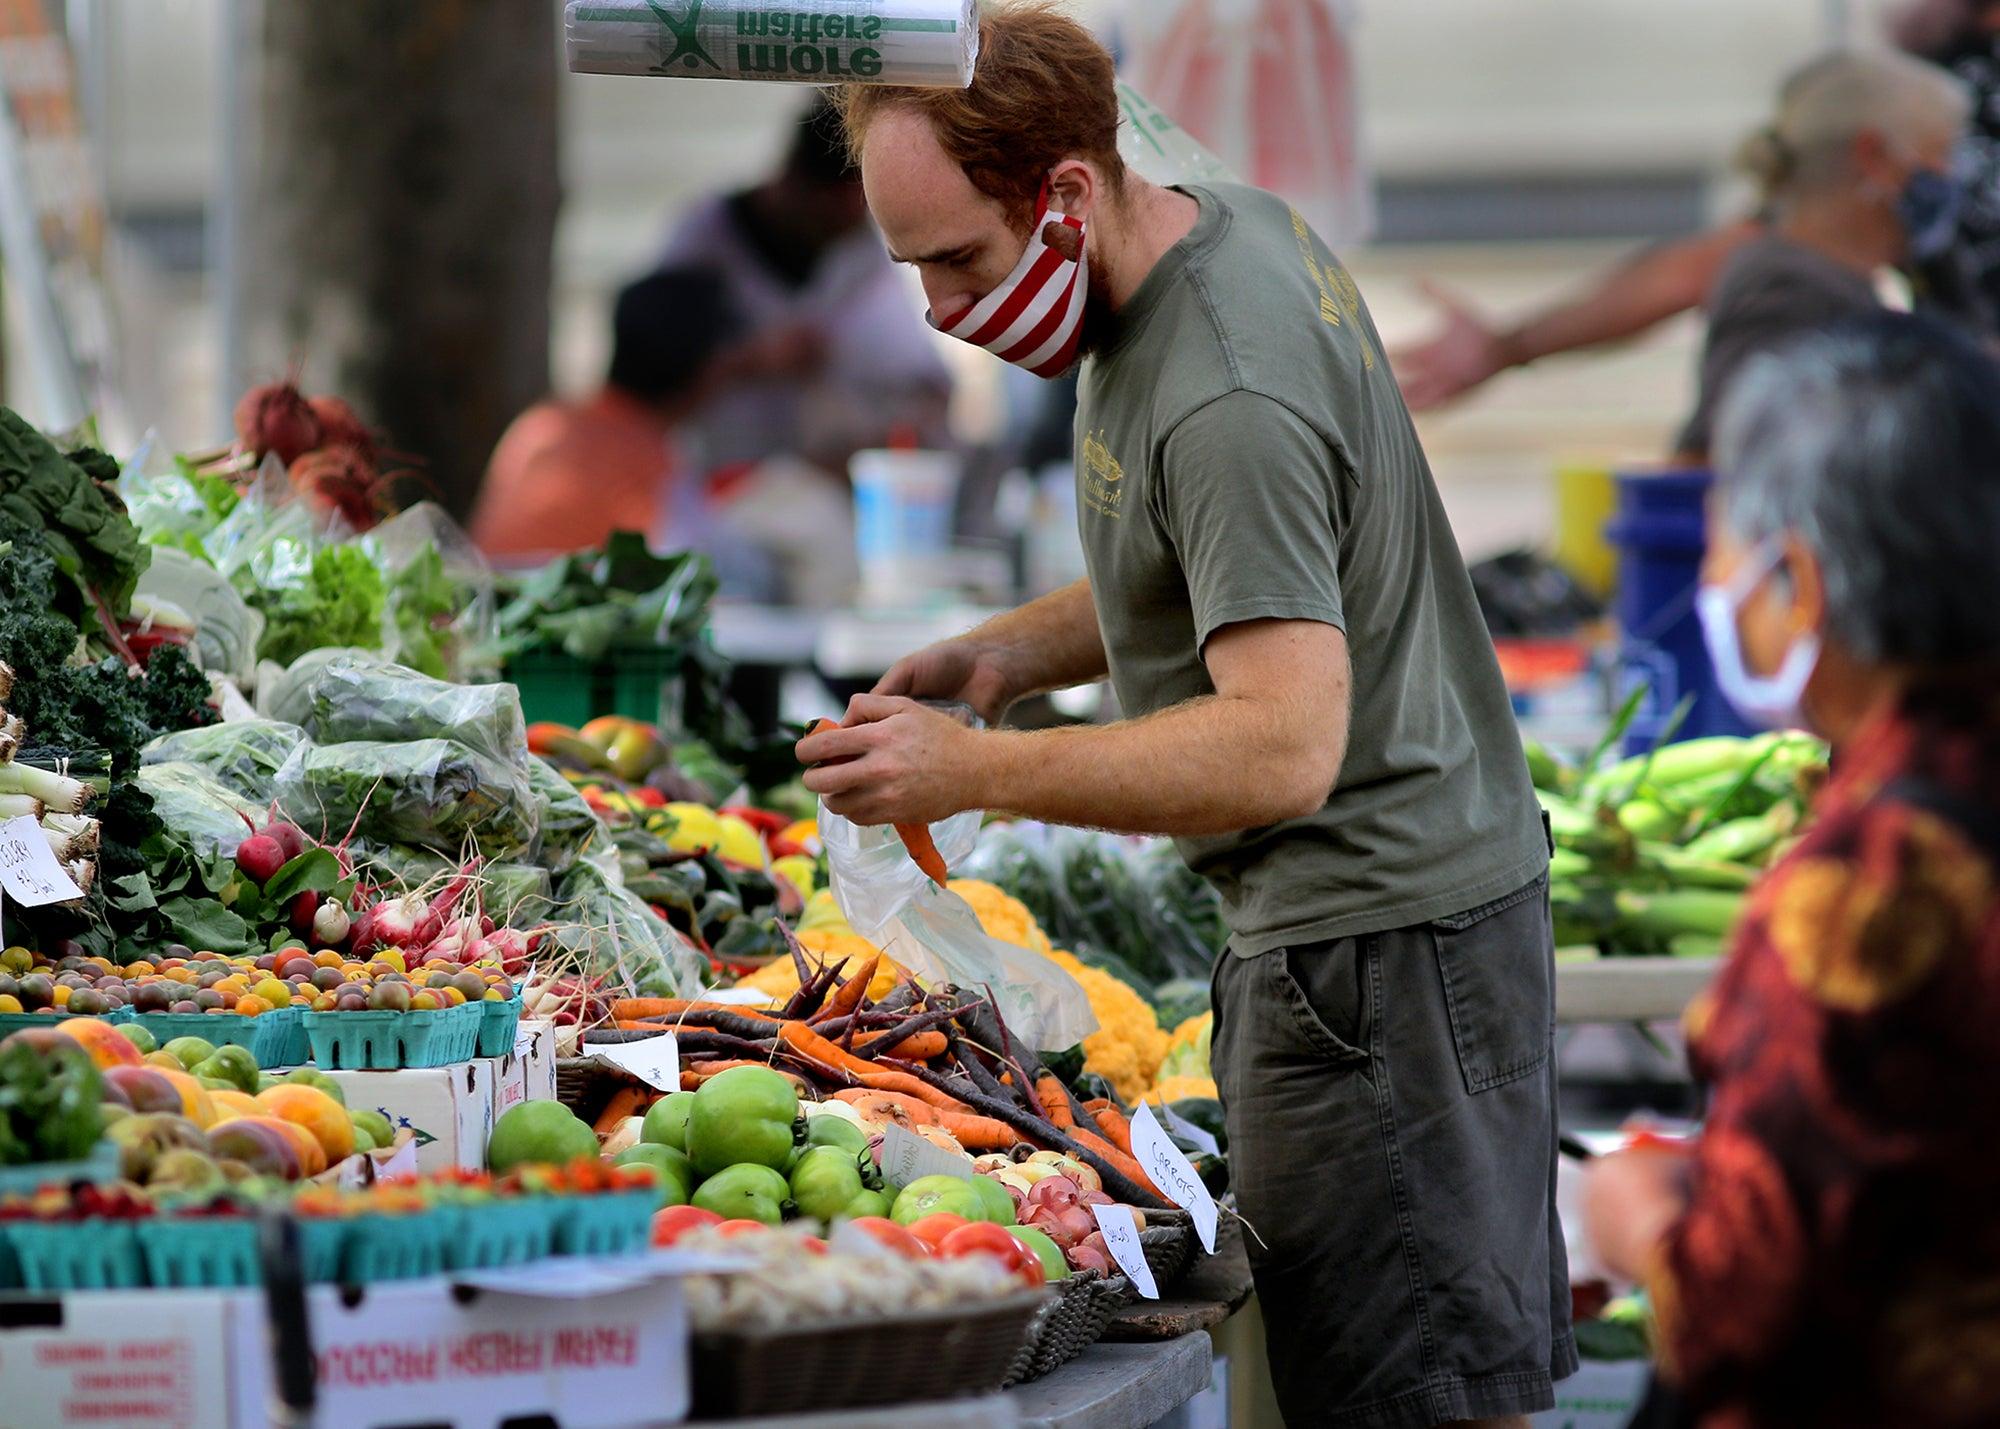 Copley Square Farmers' Market